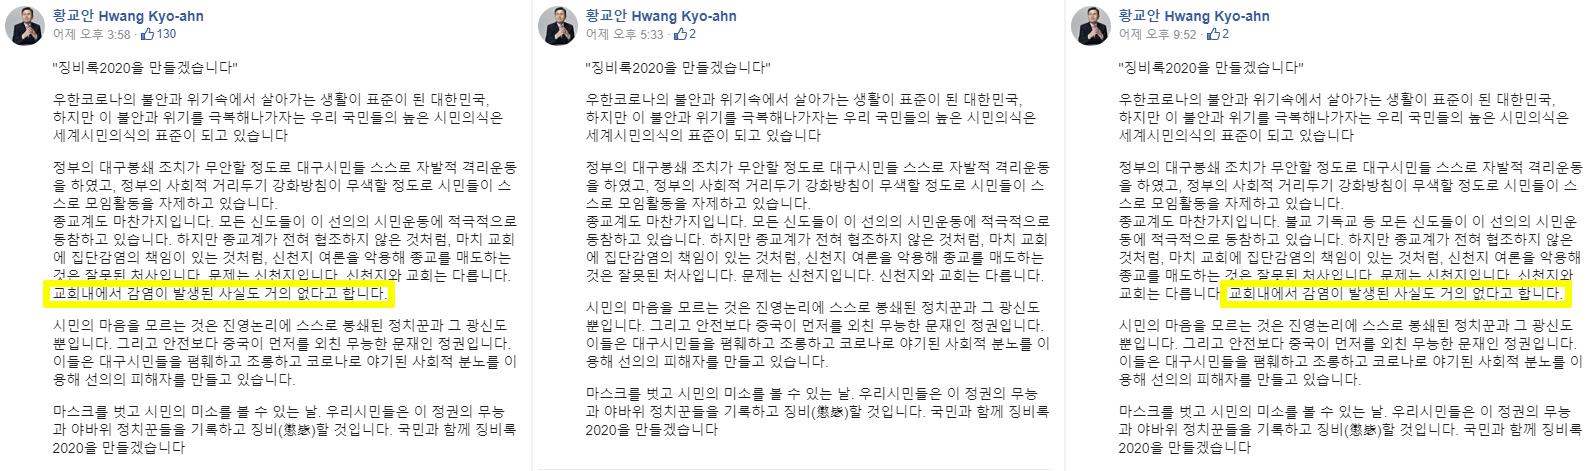 28일 황교안 미래통합당 대표 페이스북 수정내역 캡처